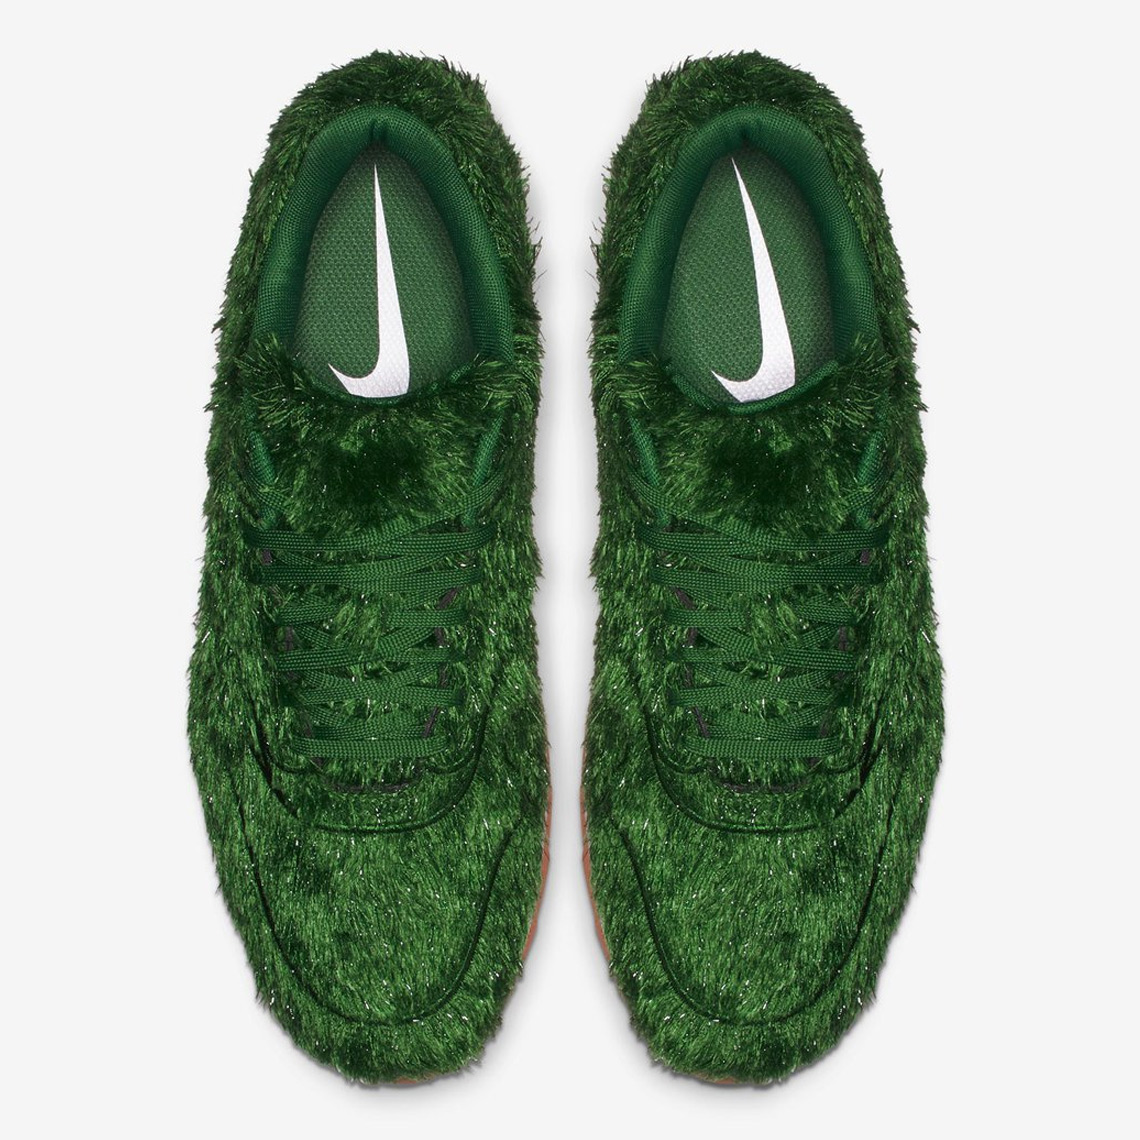 a67b658f5ed1f5 Nike Air Max 1 Golf Shoe - Where To Buy | SneakerNews.com